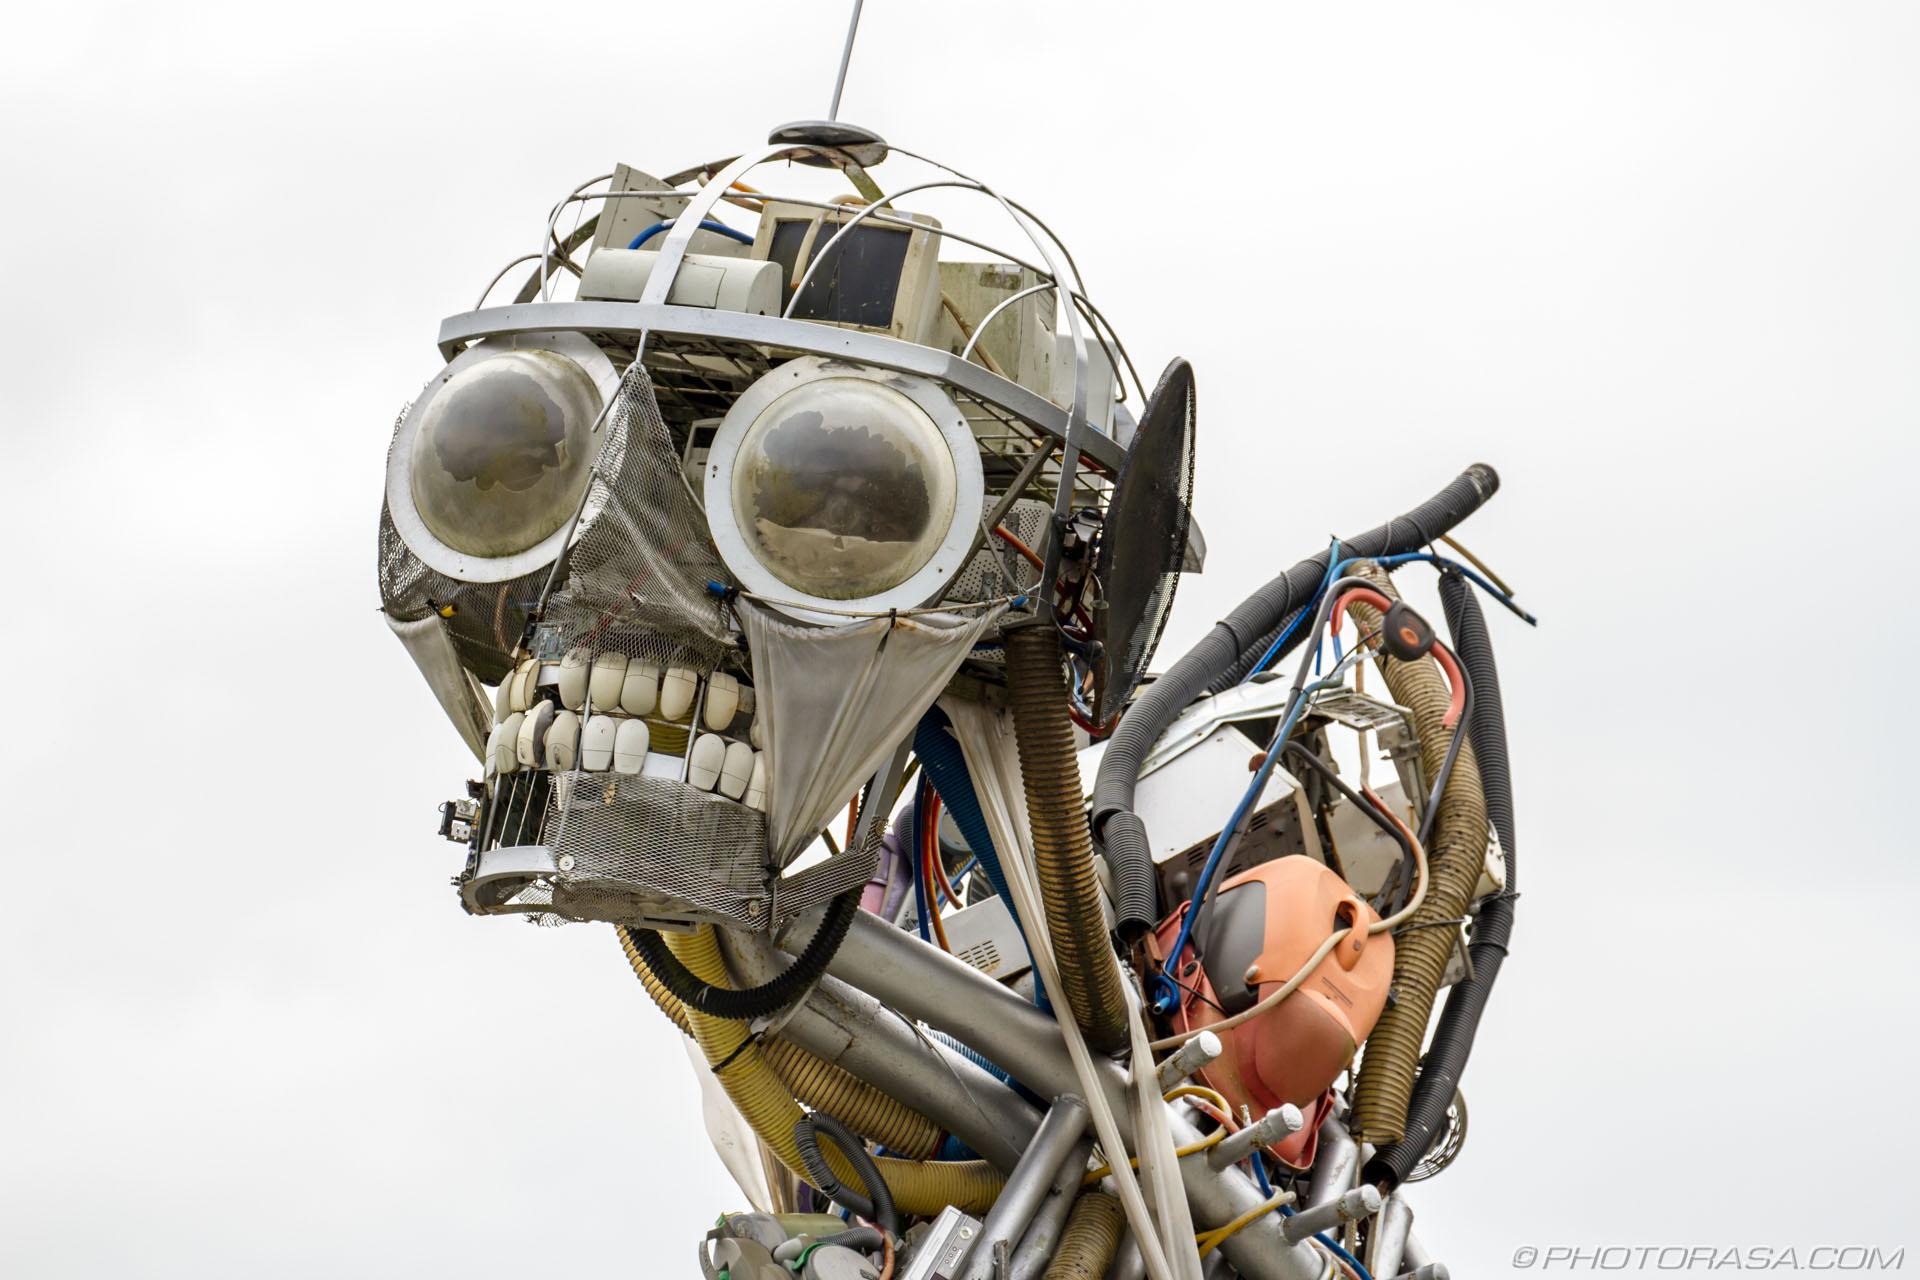 https://photorasa.com/garden-sculptures/head-of-waste-technology-sculpture-at-eden-project/